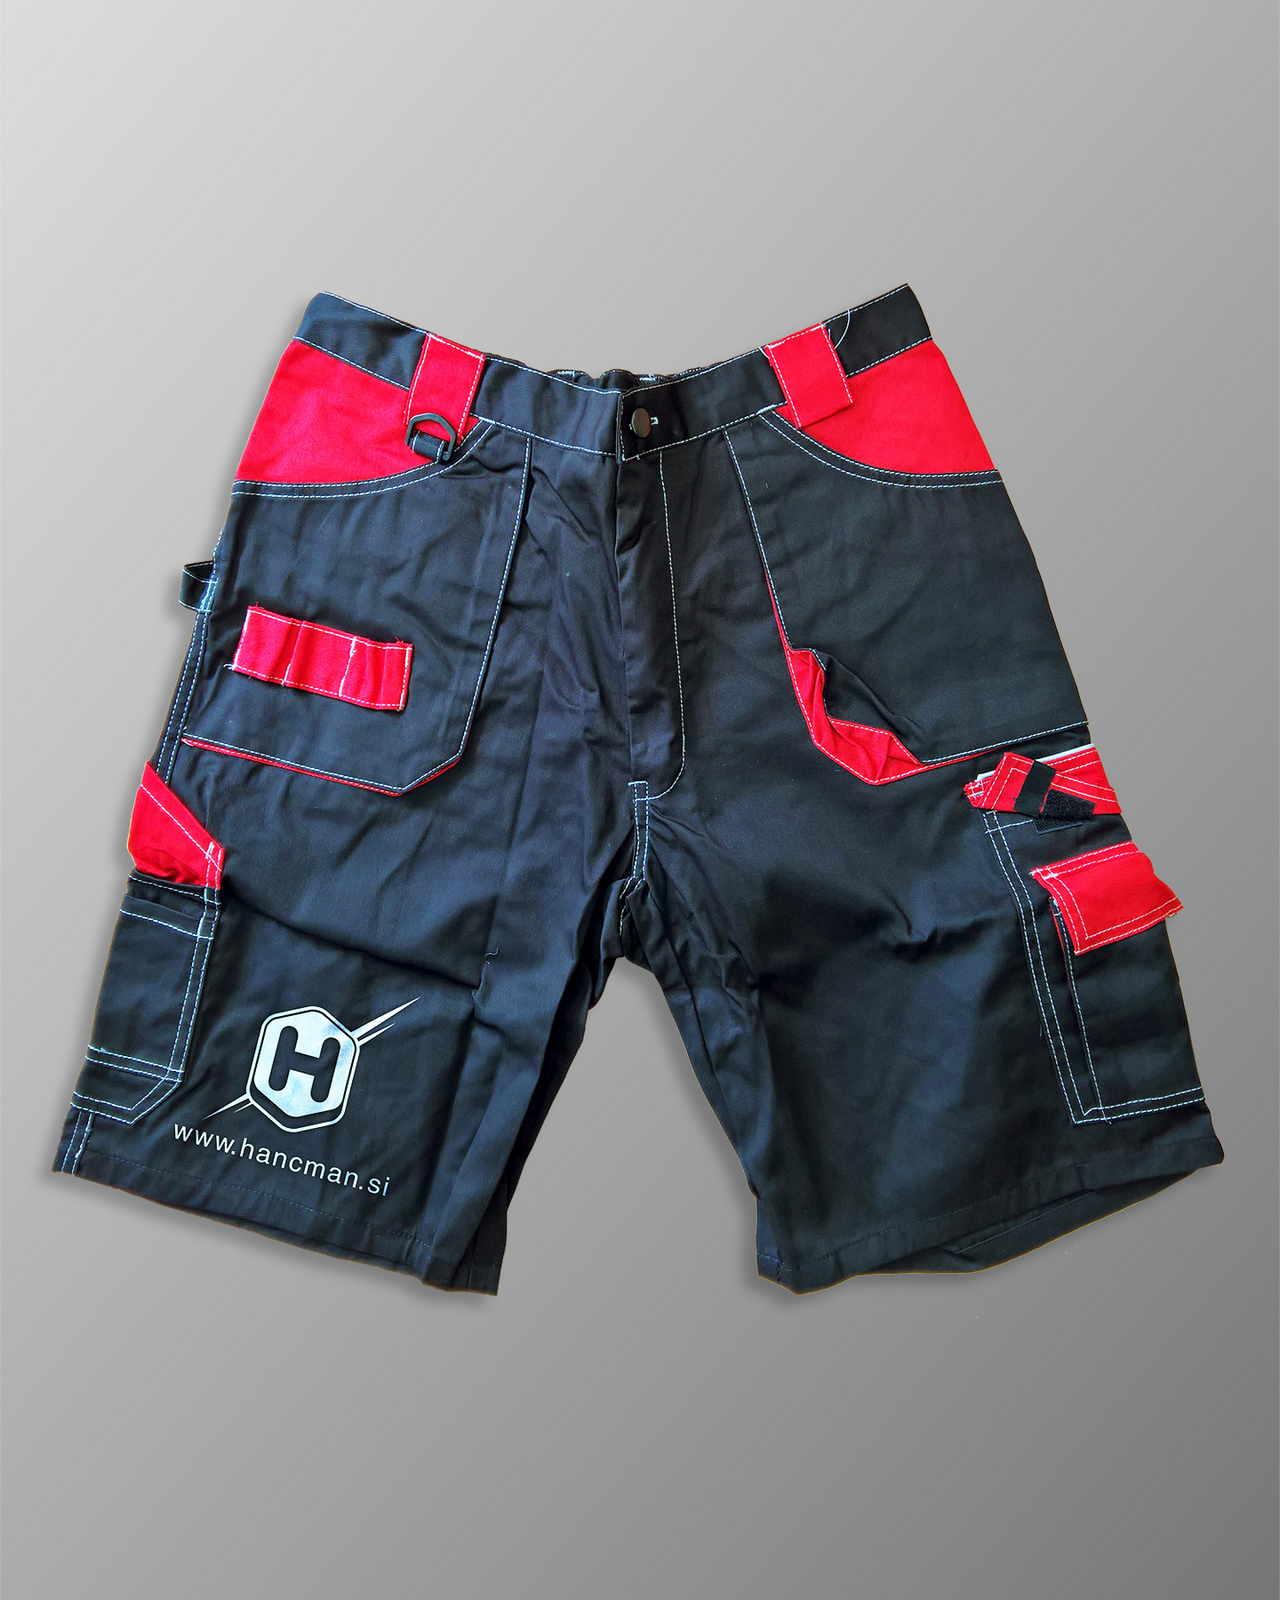 Delovne kratke hlače tisk Hancman